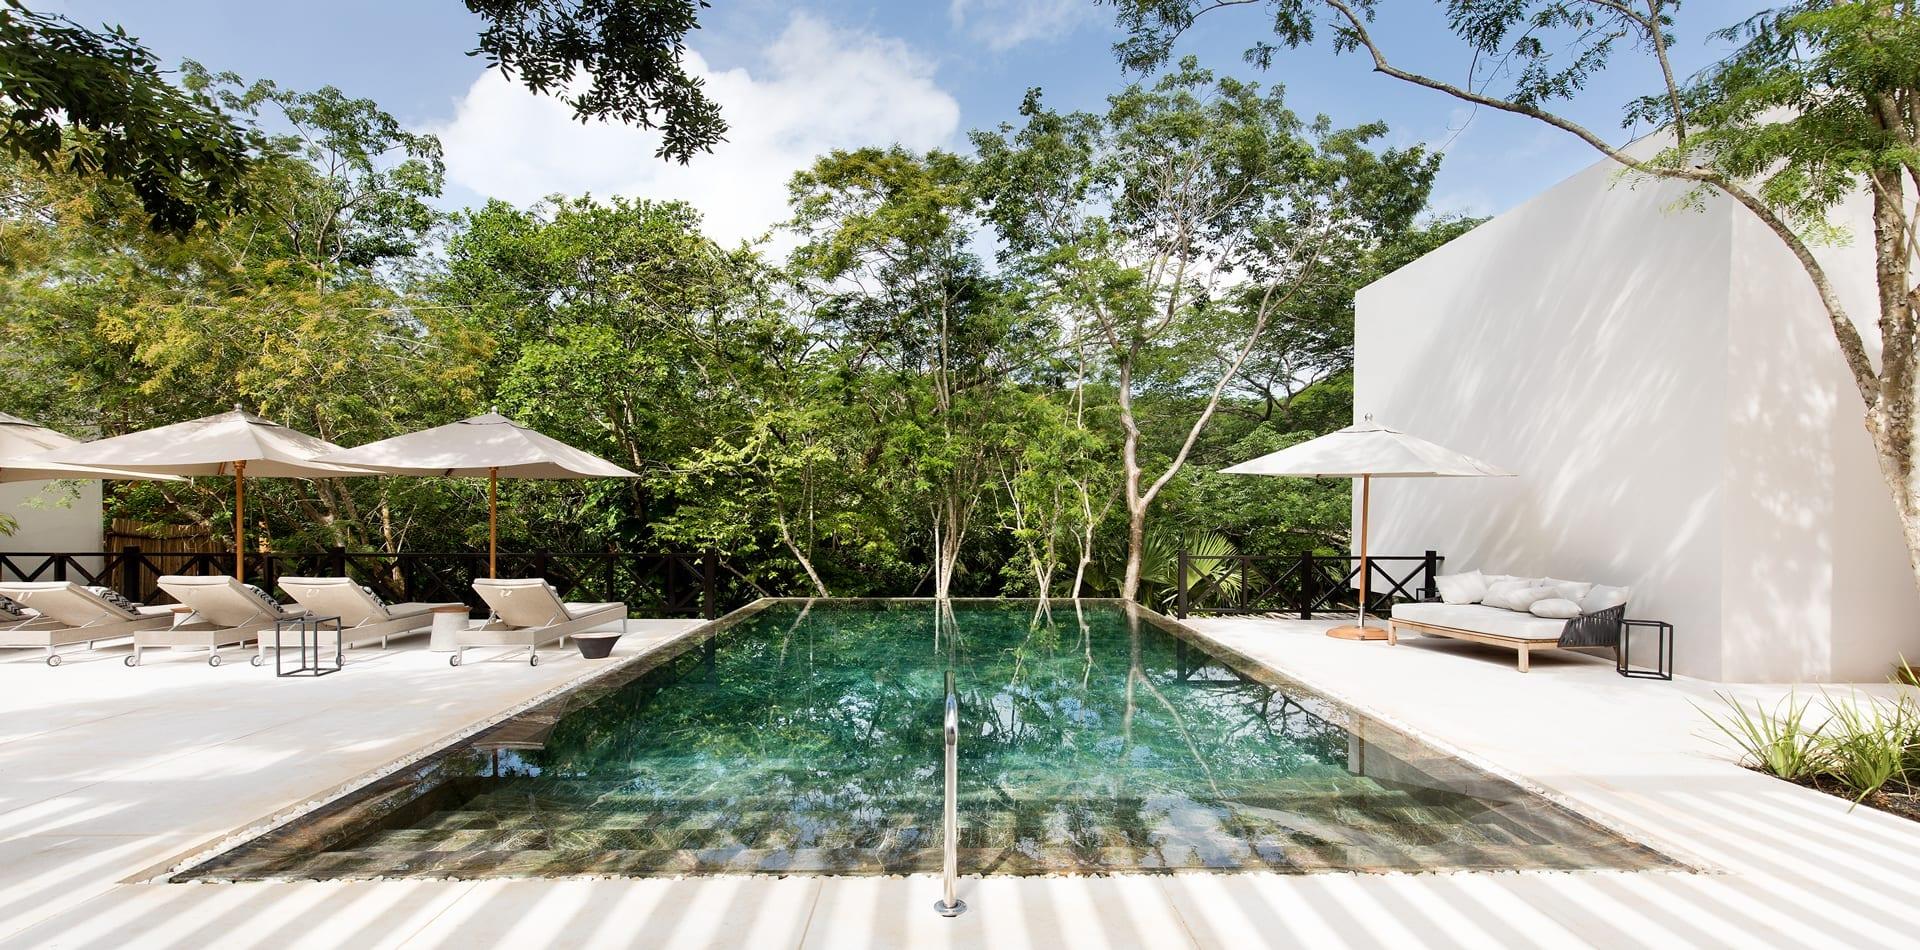 Mexico Yucatan Chable Hotel Pool